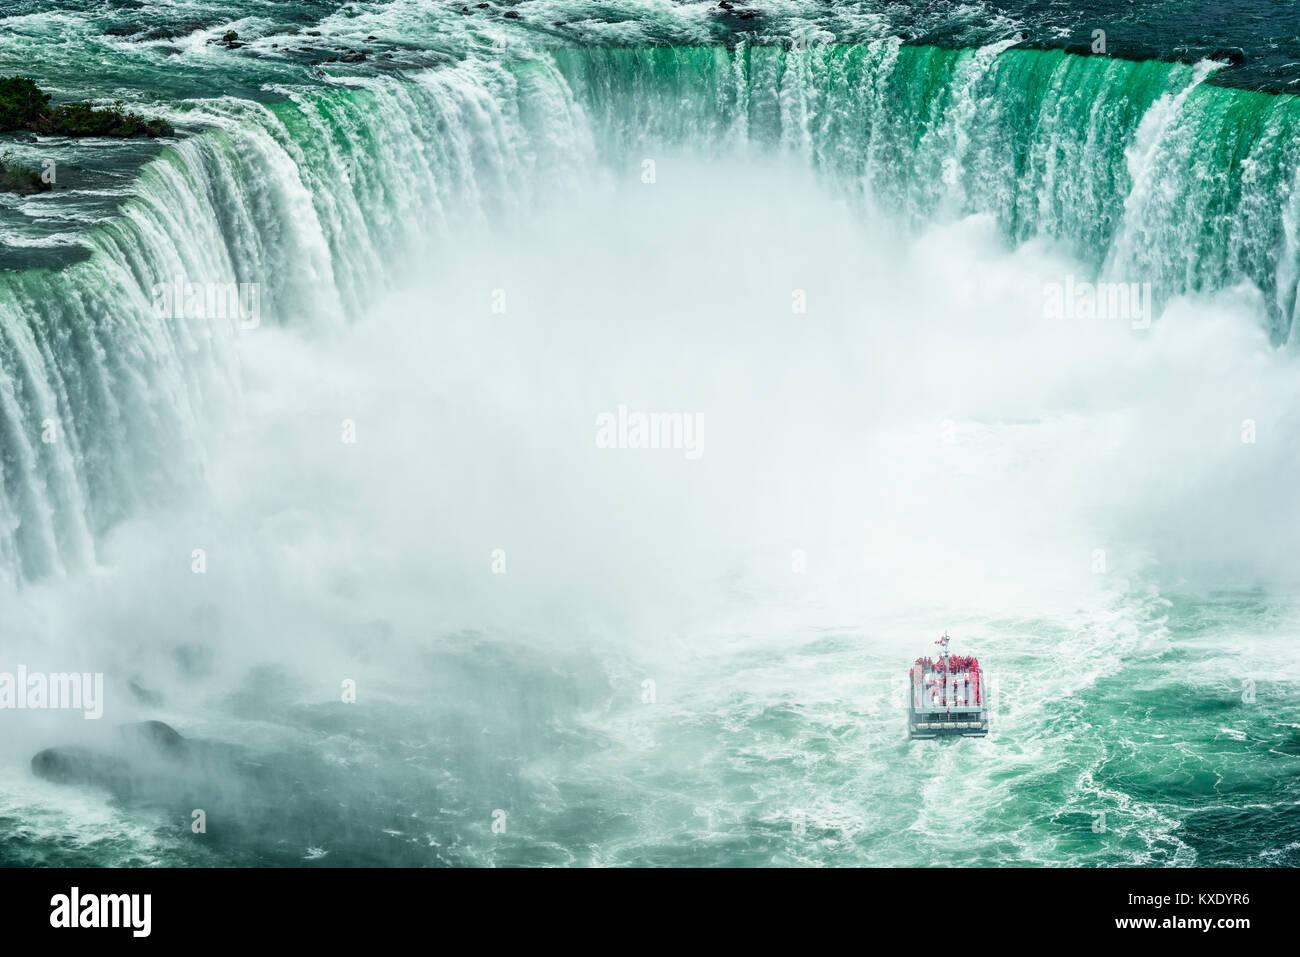 Un alto ángulo de visualización en barco de pasajeros acercándose a las Cataratas del Niágara, Imagen De Stock